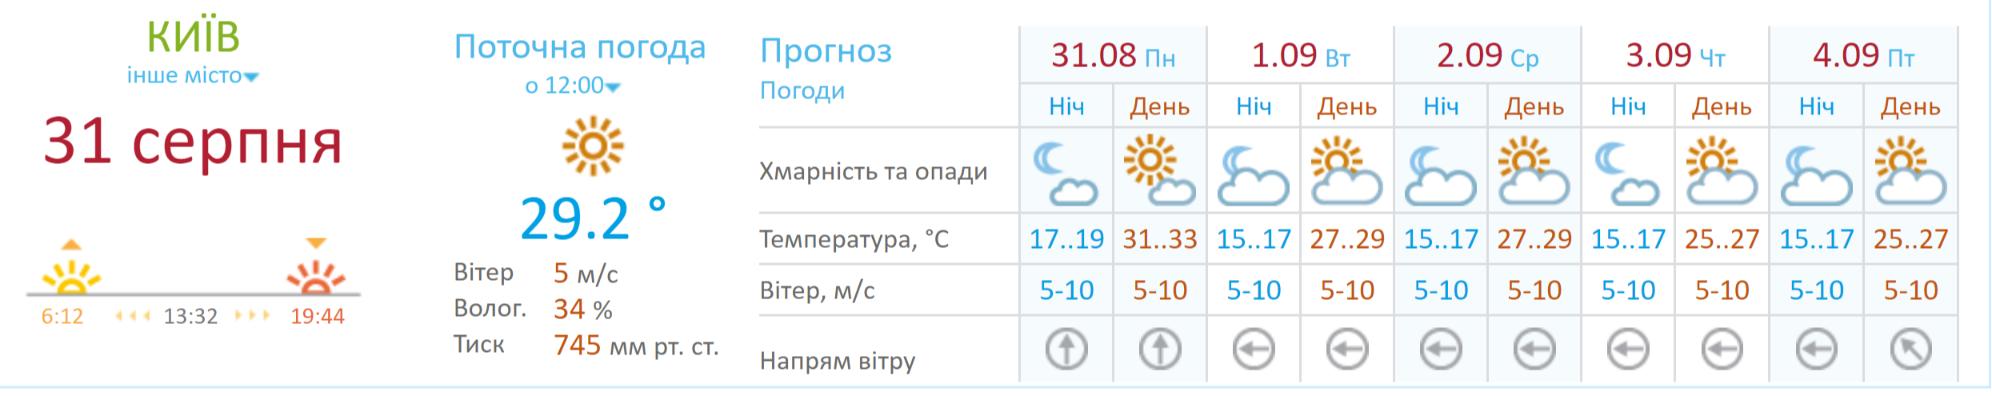 Погода в Киеве в начале сентября